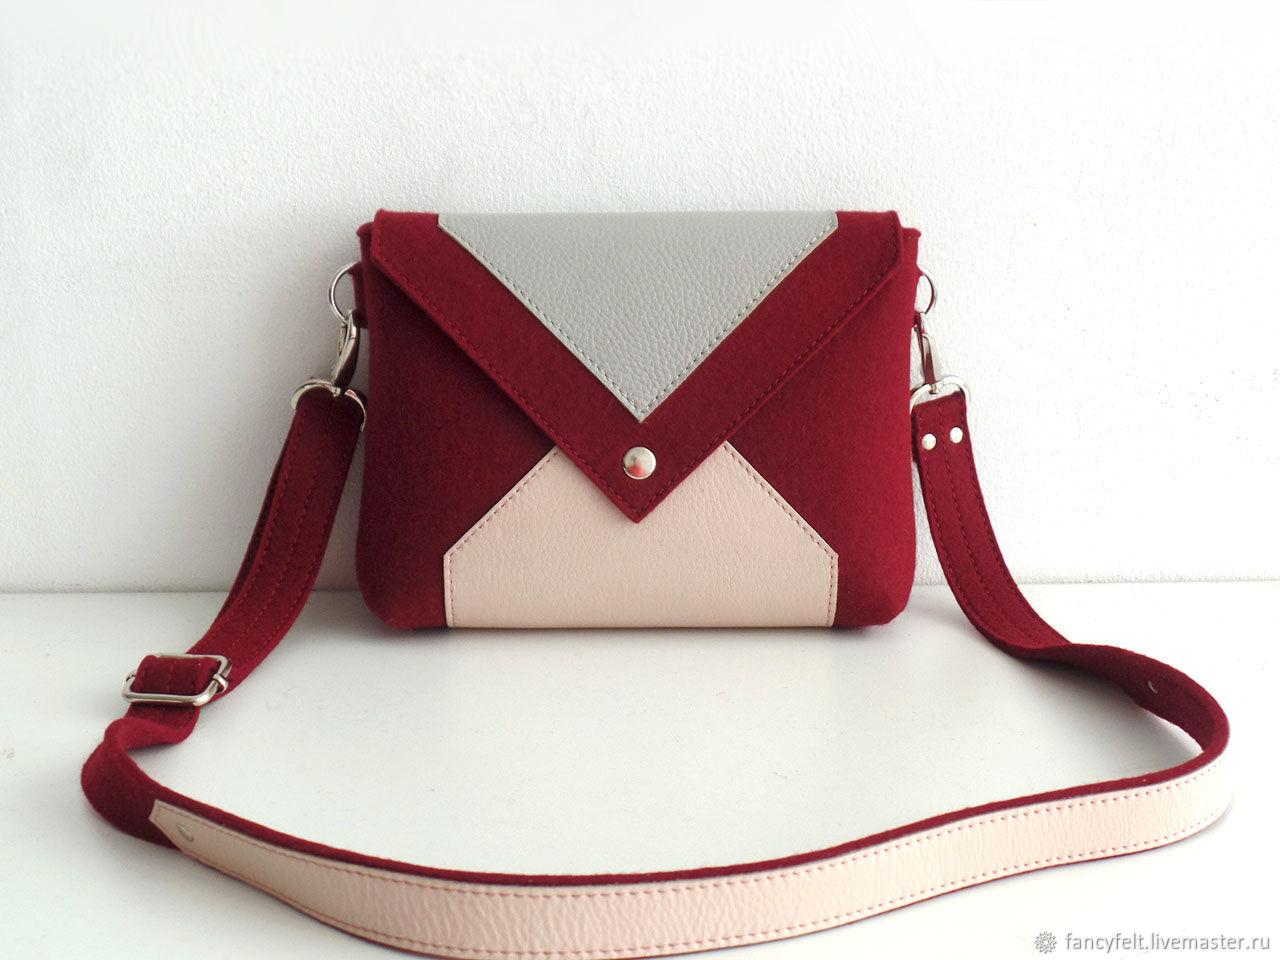 34dc532f5b82 Женские сумки ручной работы. Ярмарка Мастеров - ручная работа. Купить  Винная сумка через плечо ...